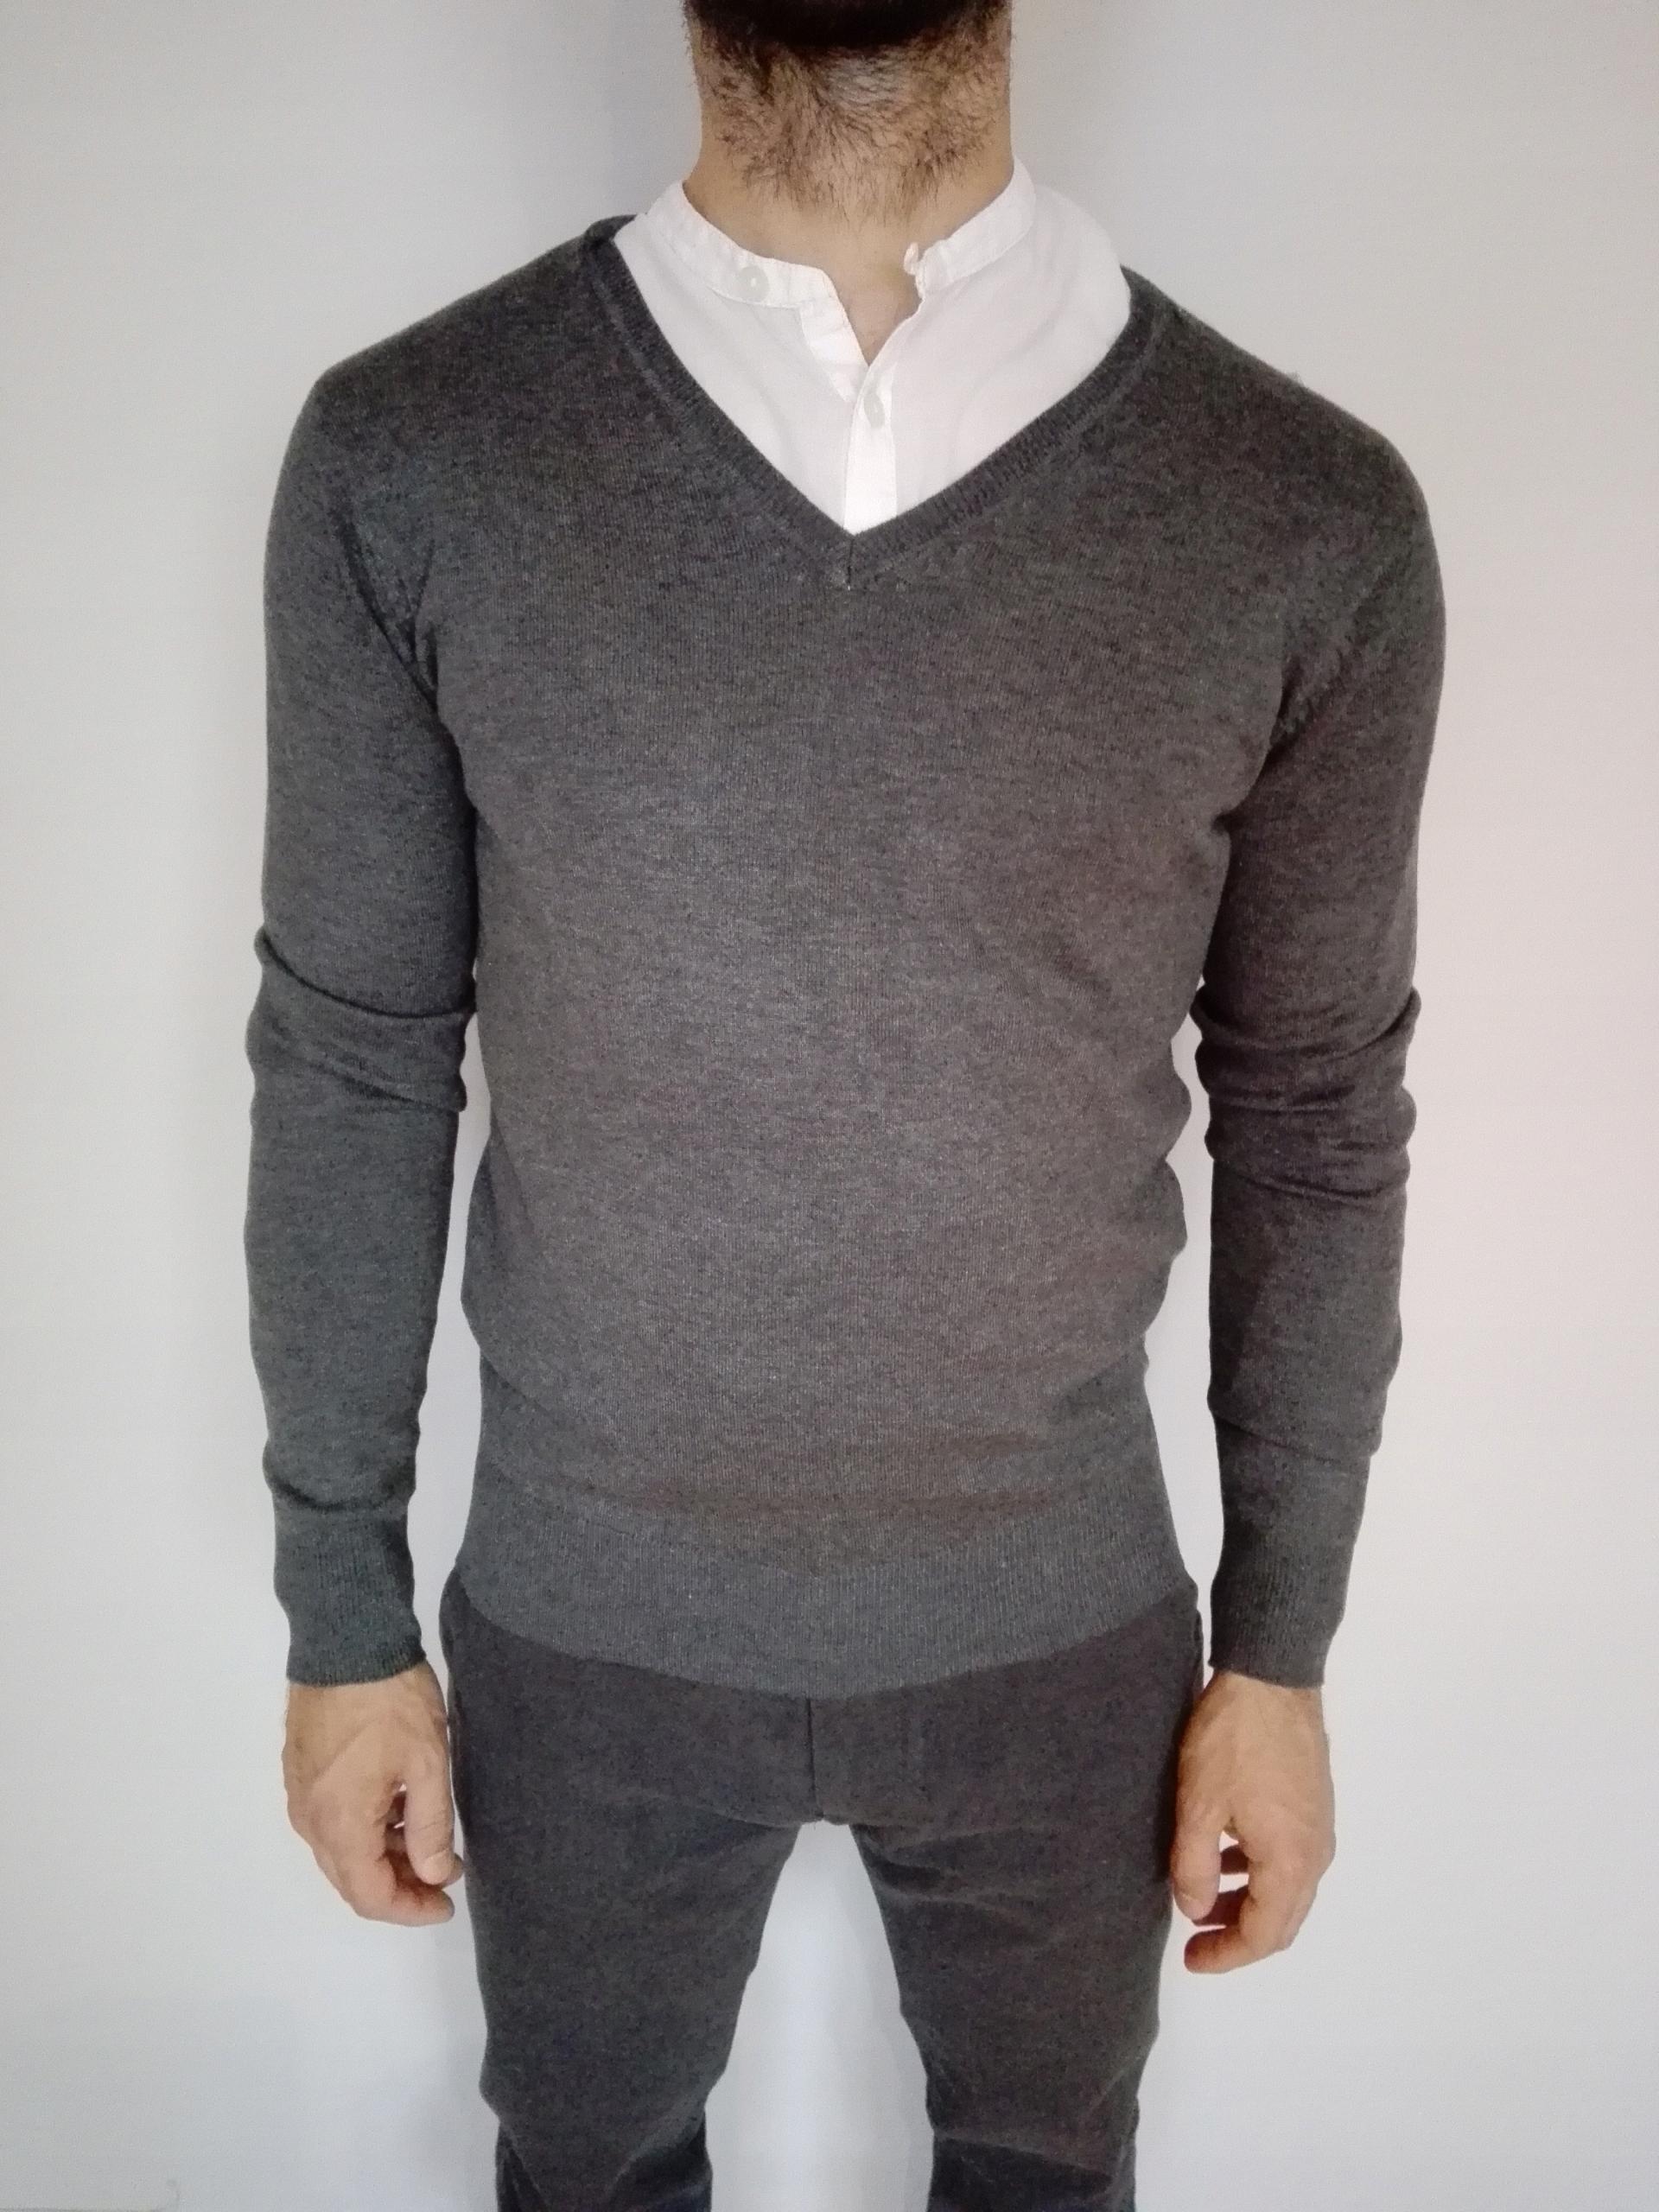 ZESTAW Męskie ubrania Zara Man, Reserved, H&M